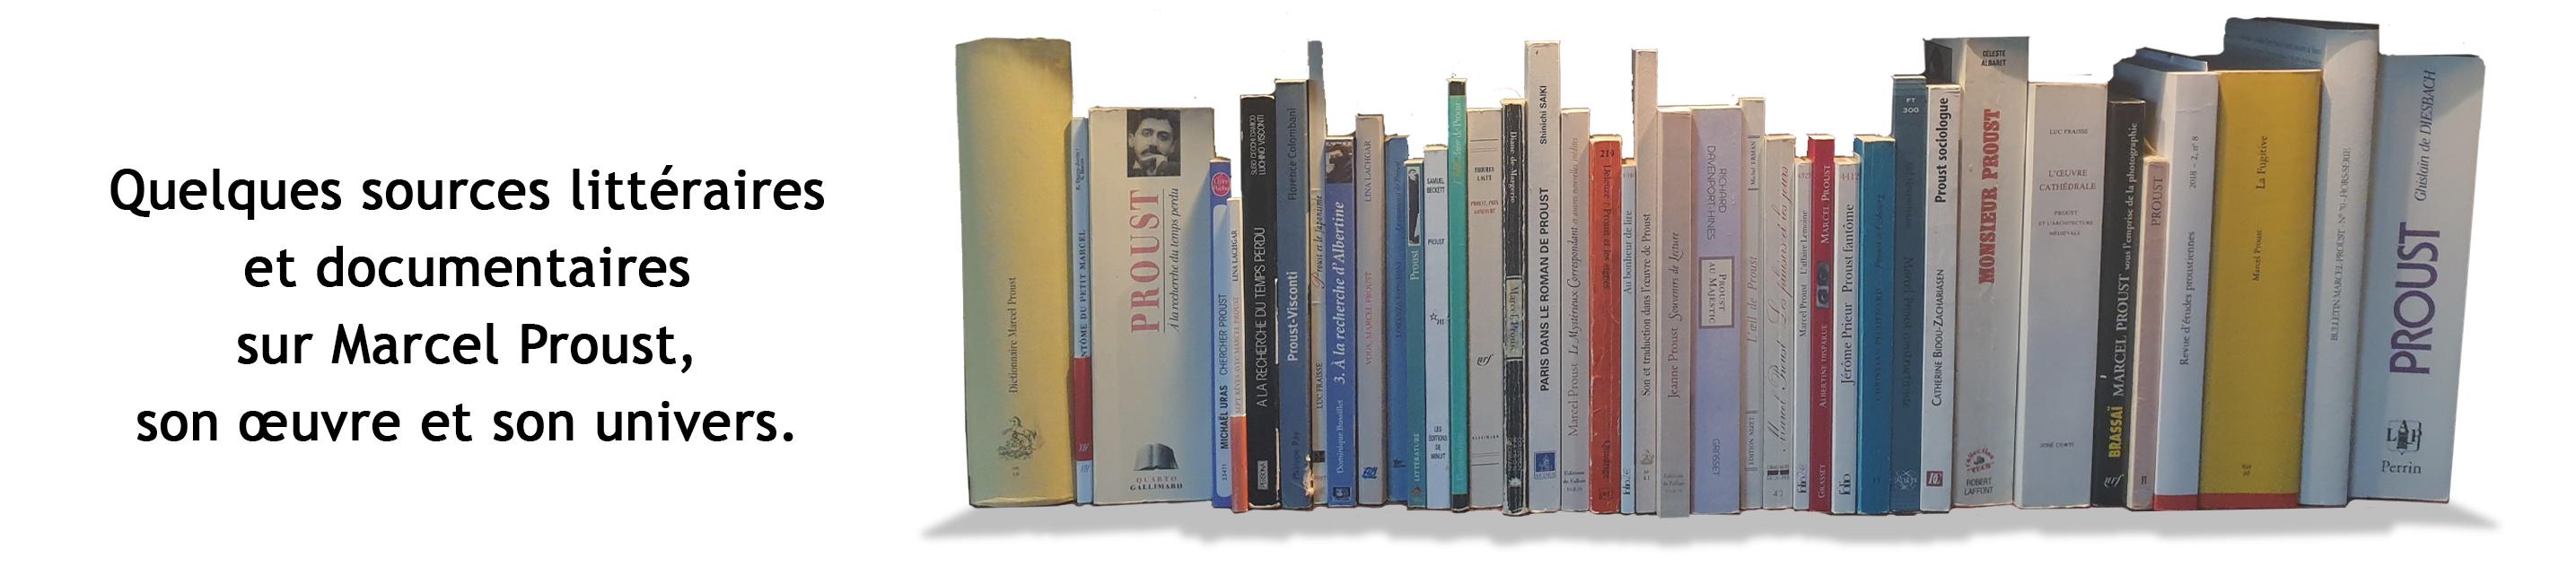 Le coin des livres. Sources littéraire sur marcel proust